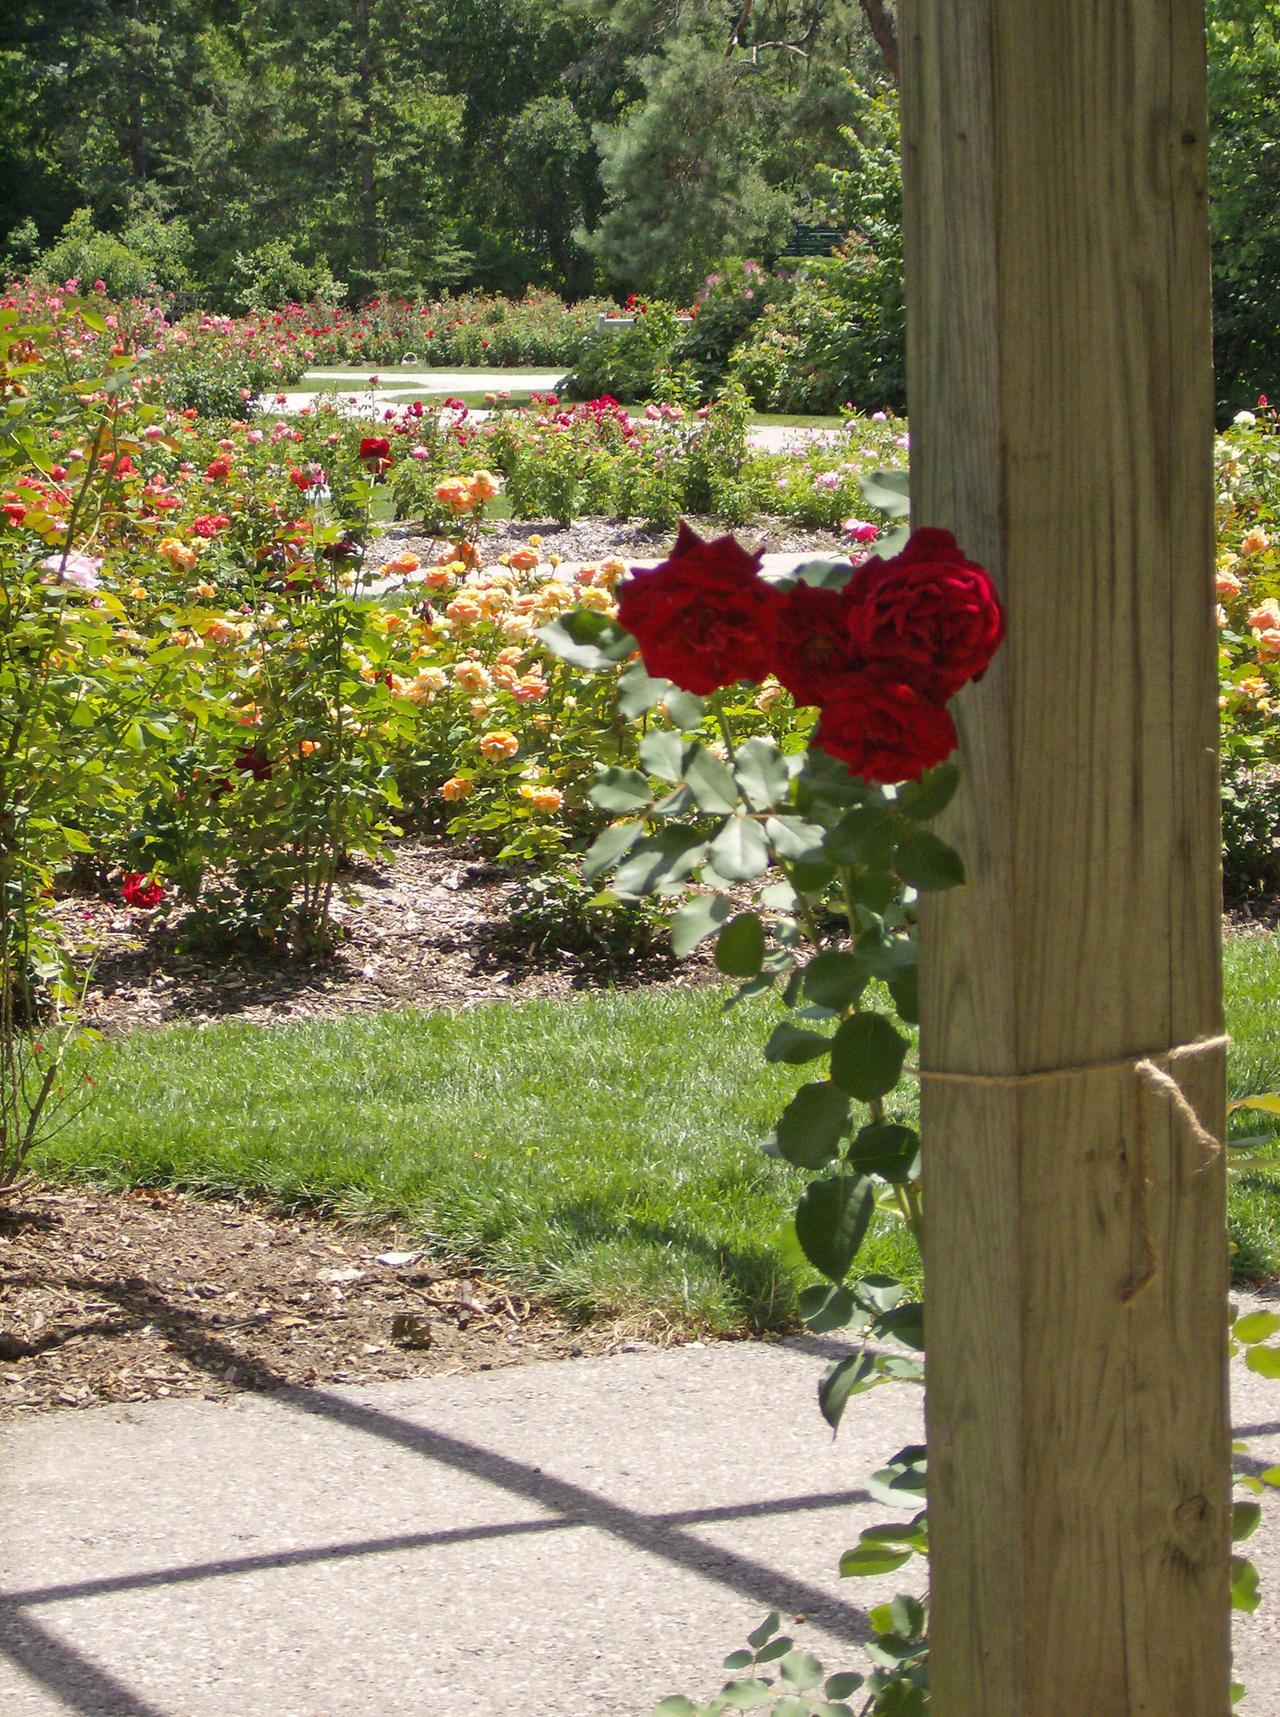 Rose Garden Frame 1 by OsorrisStock